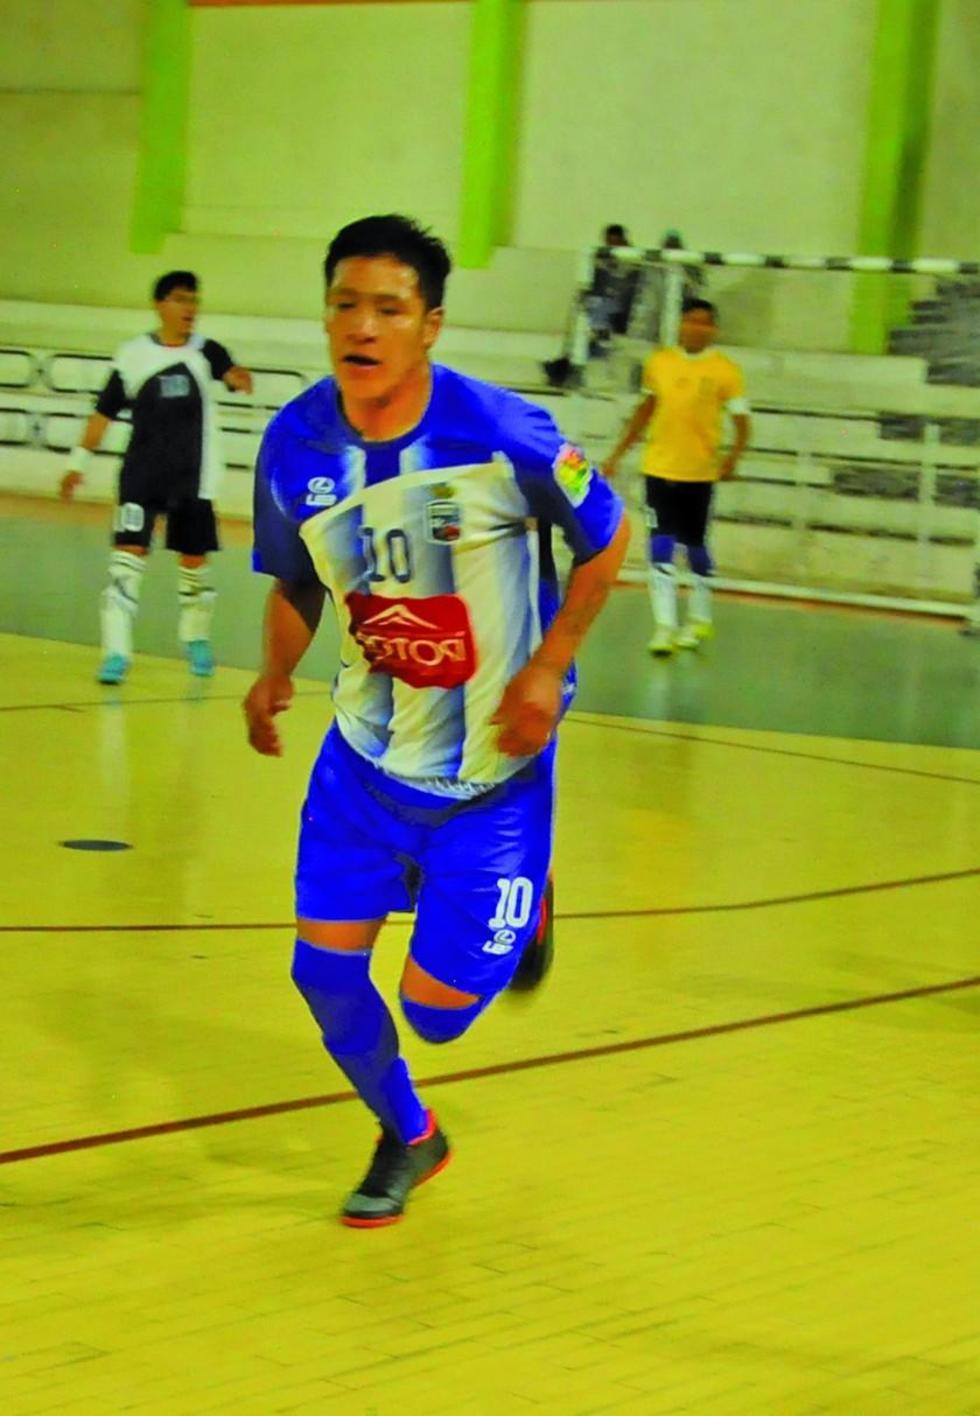 Concepción empata en el torneo nacional de fútbol sala